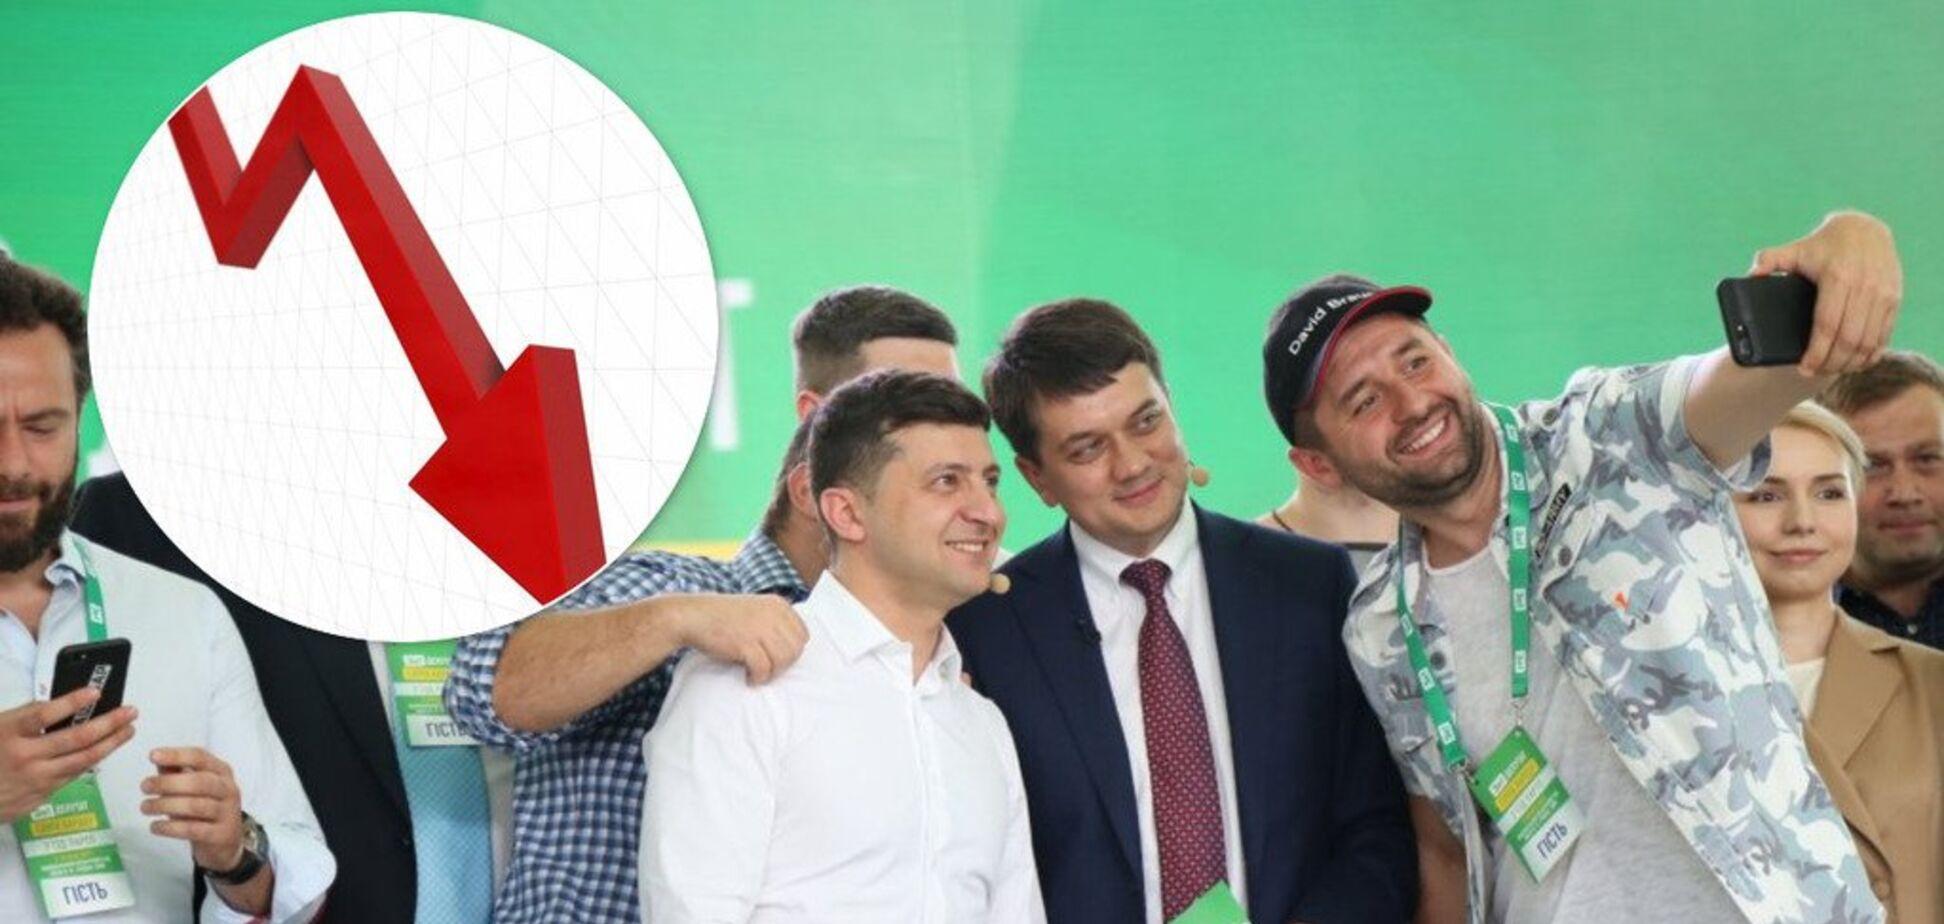 ''Українці розчаровані'': як скандали зруйнують рейтинги Зеленського і 'Слуги народу'